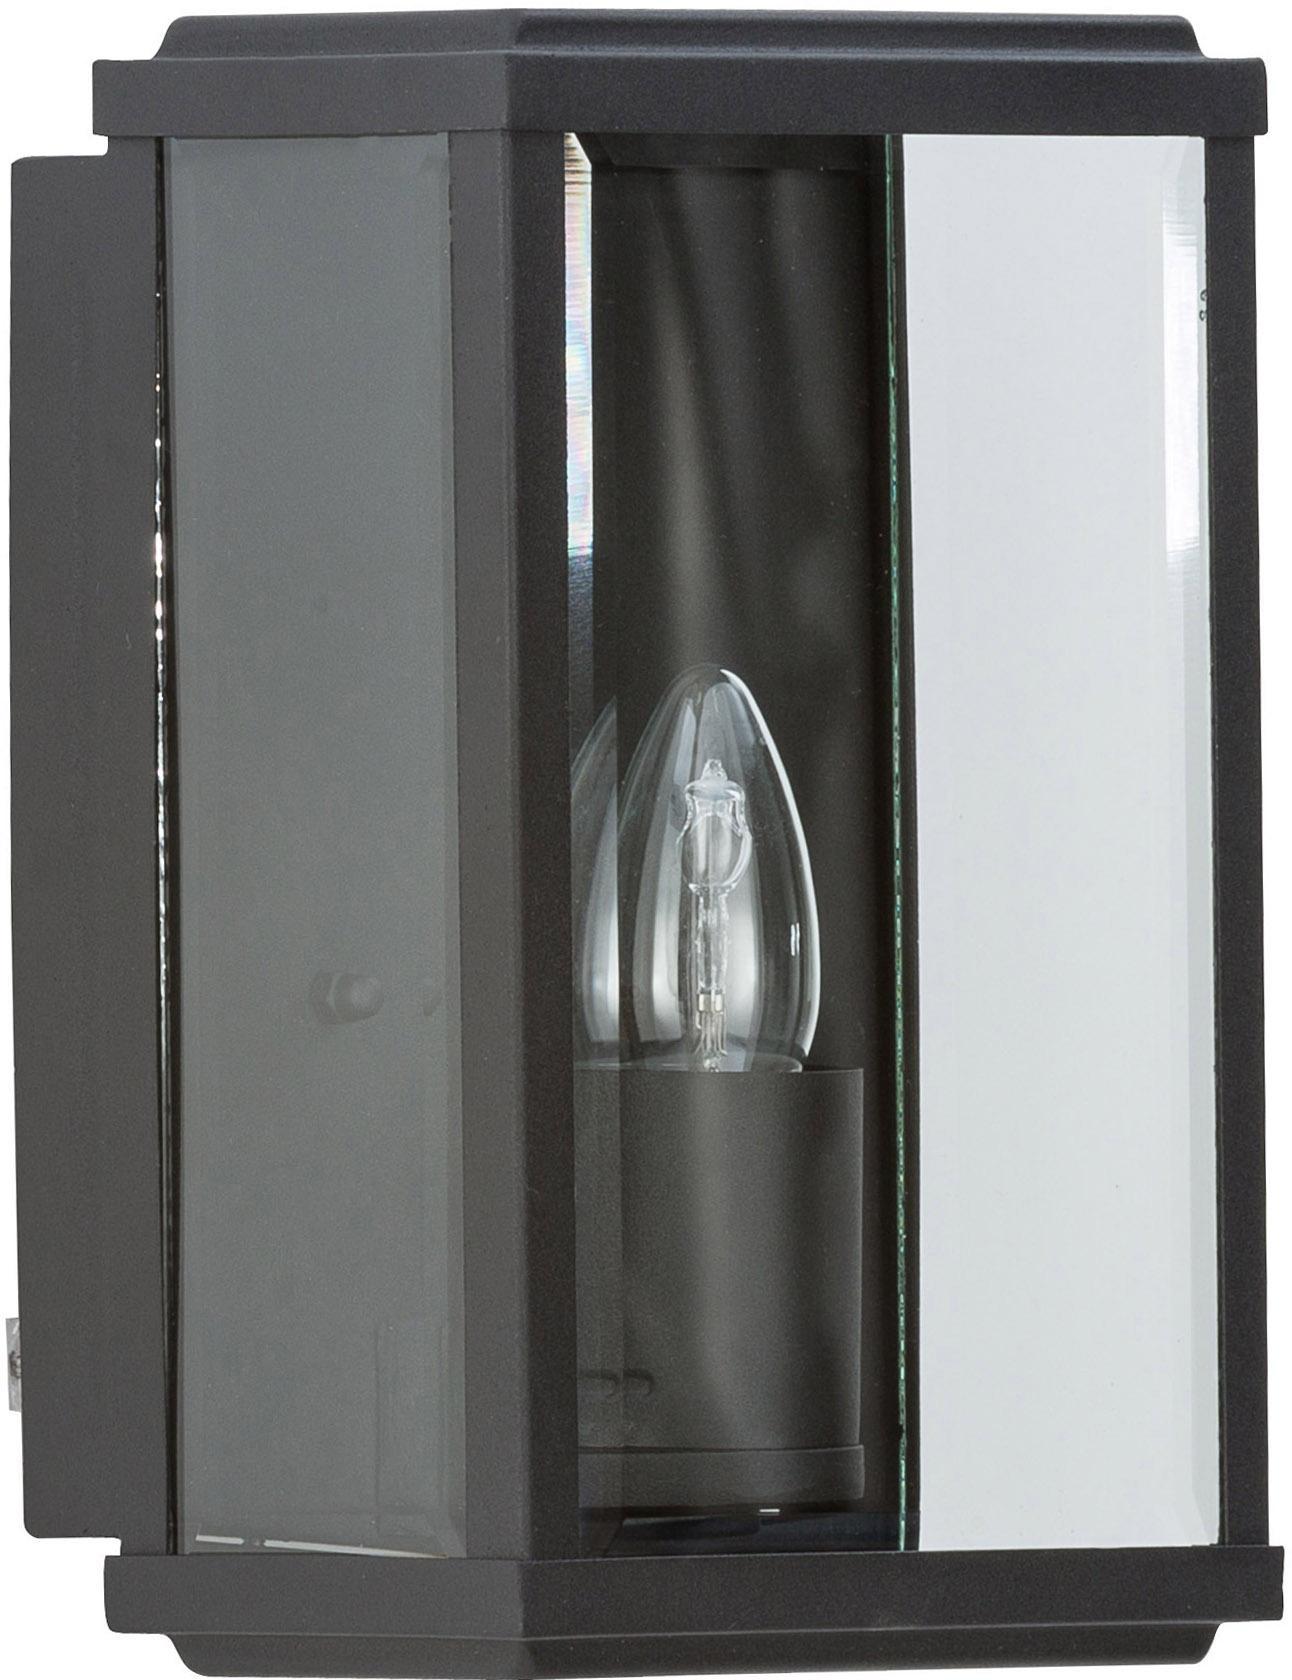 Outdoor wandlamp Wally in industrieel design, Edelstaal, gepoedercoat met glazen inleg, Zwart, transparant, 16 x 25 cm